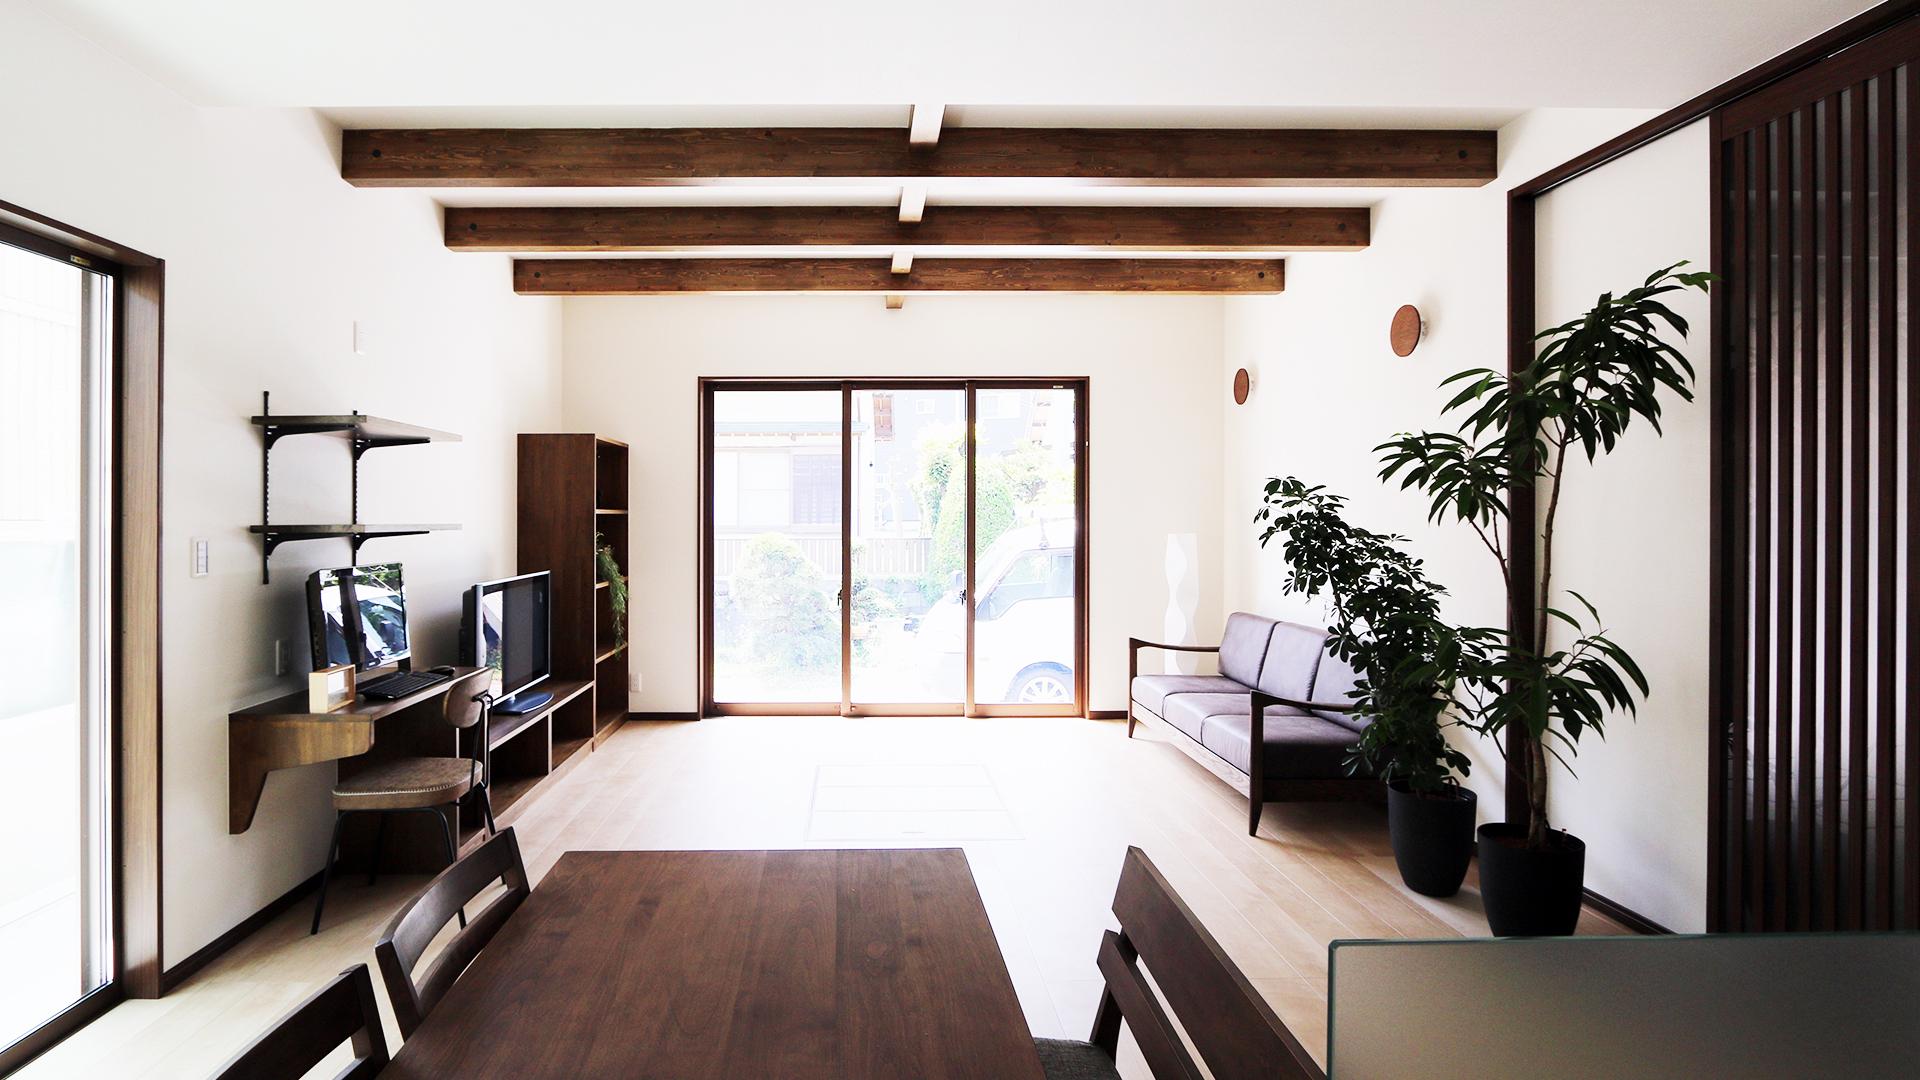 湖西市の柴田建築企画の平屋画像。ブラウンが基調のリビング全体の画像。